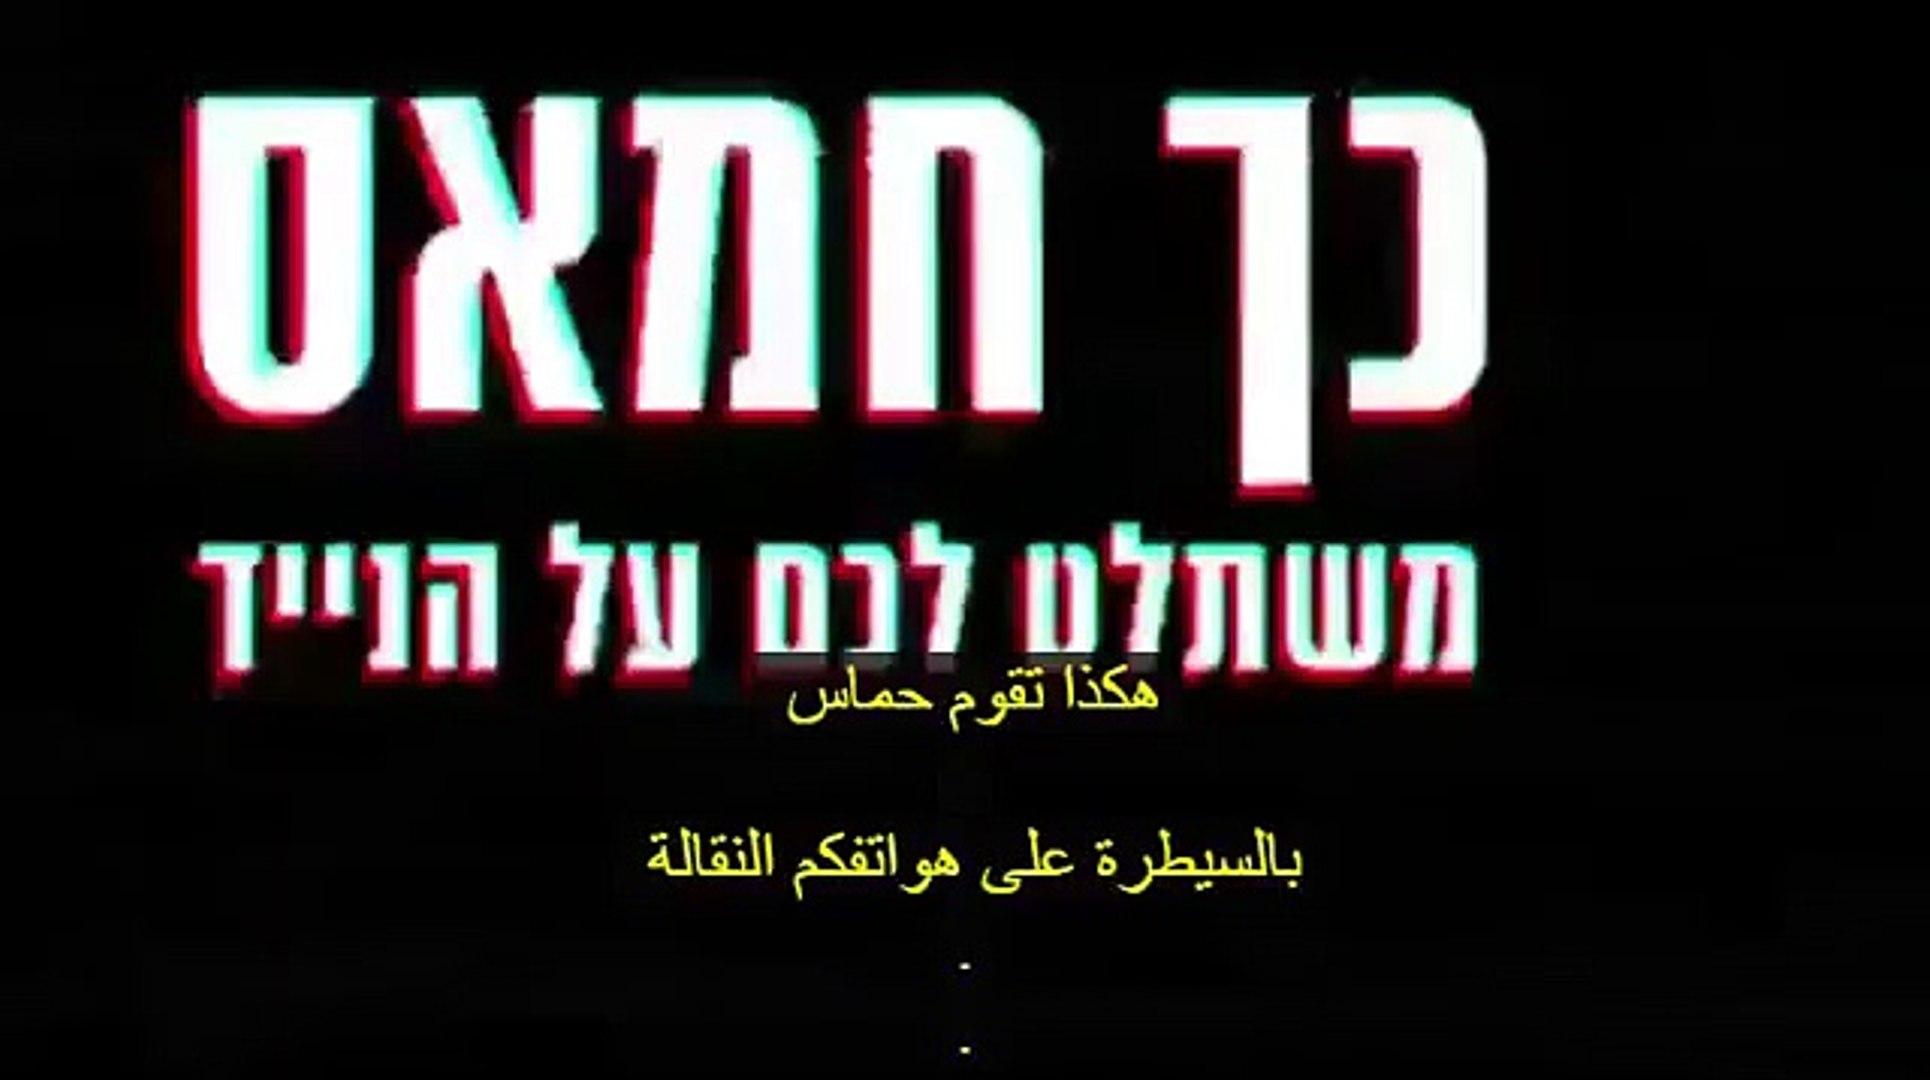 حماس نفذت أكبر عملية اختراق الكترونية لهواتف الجيش الإسرائيلي